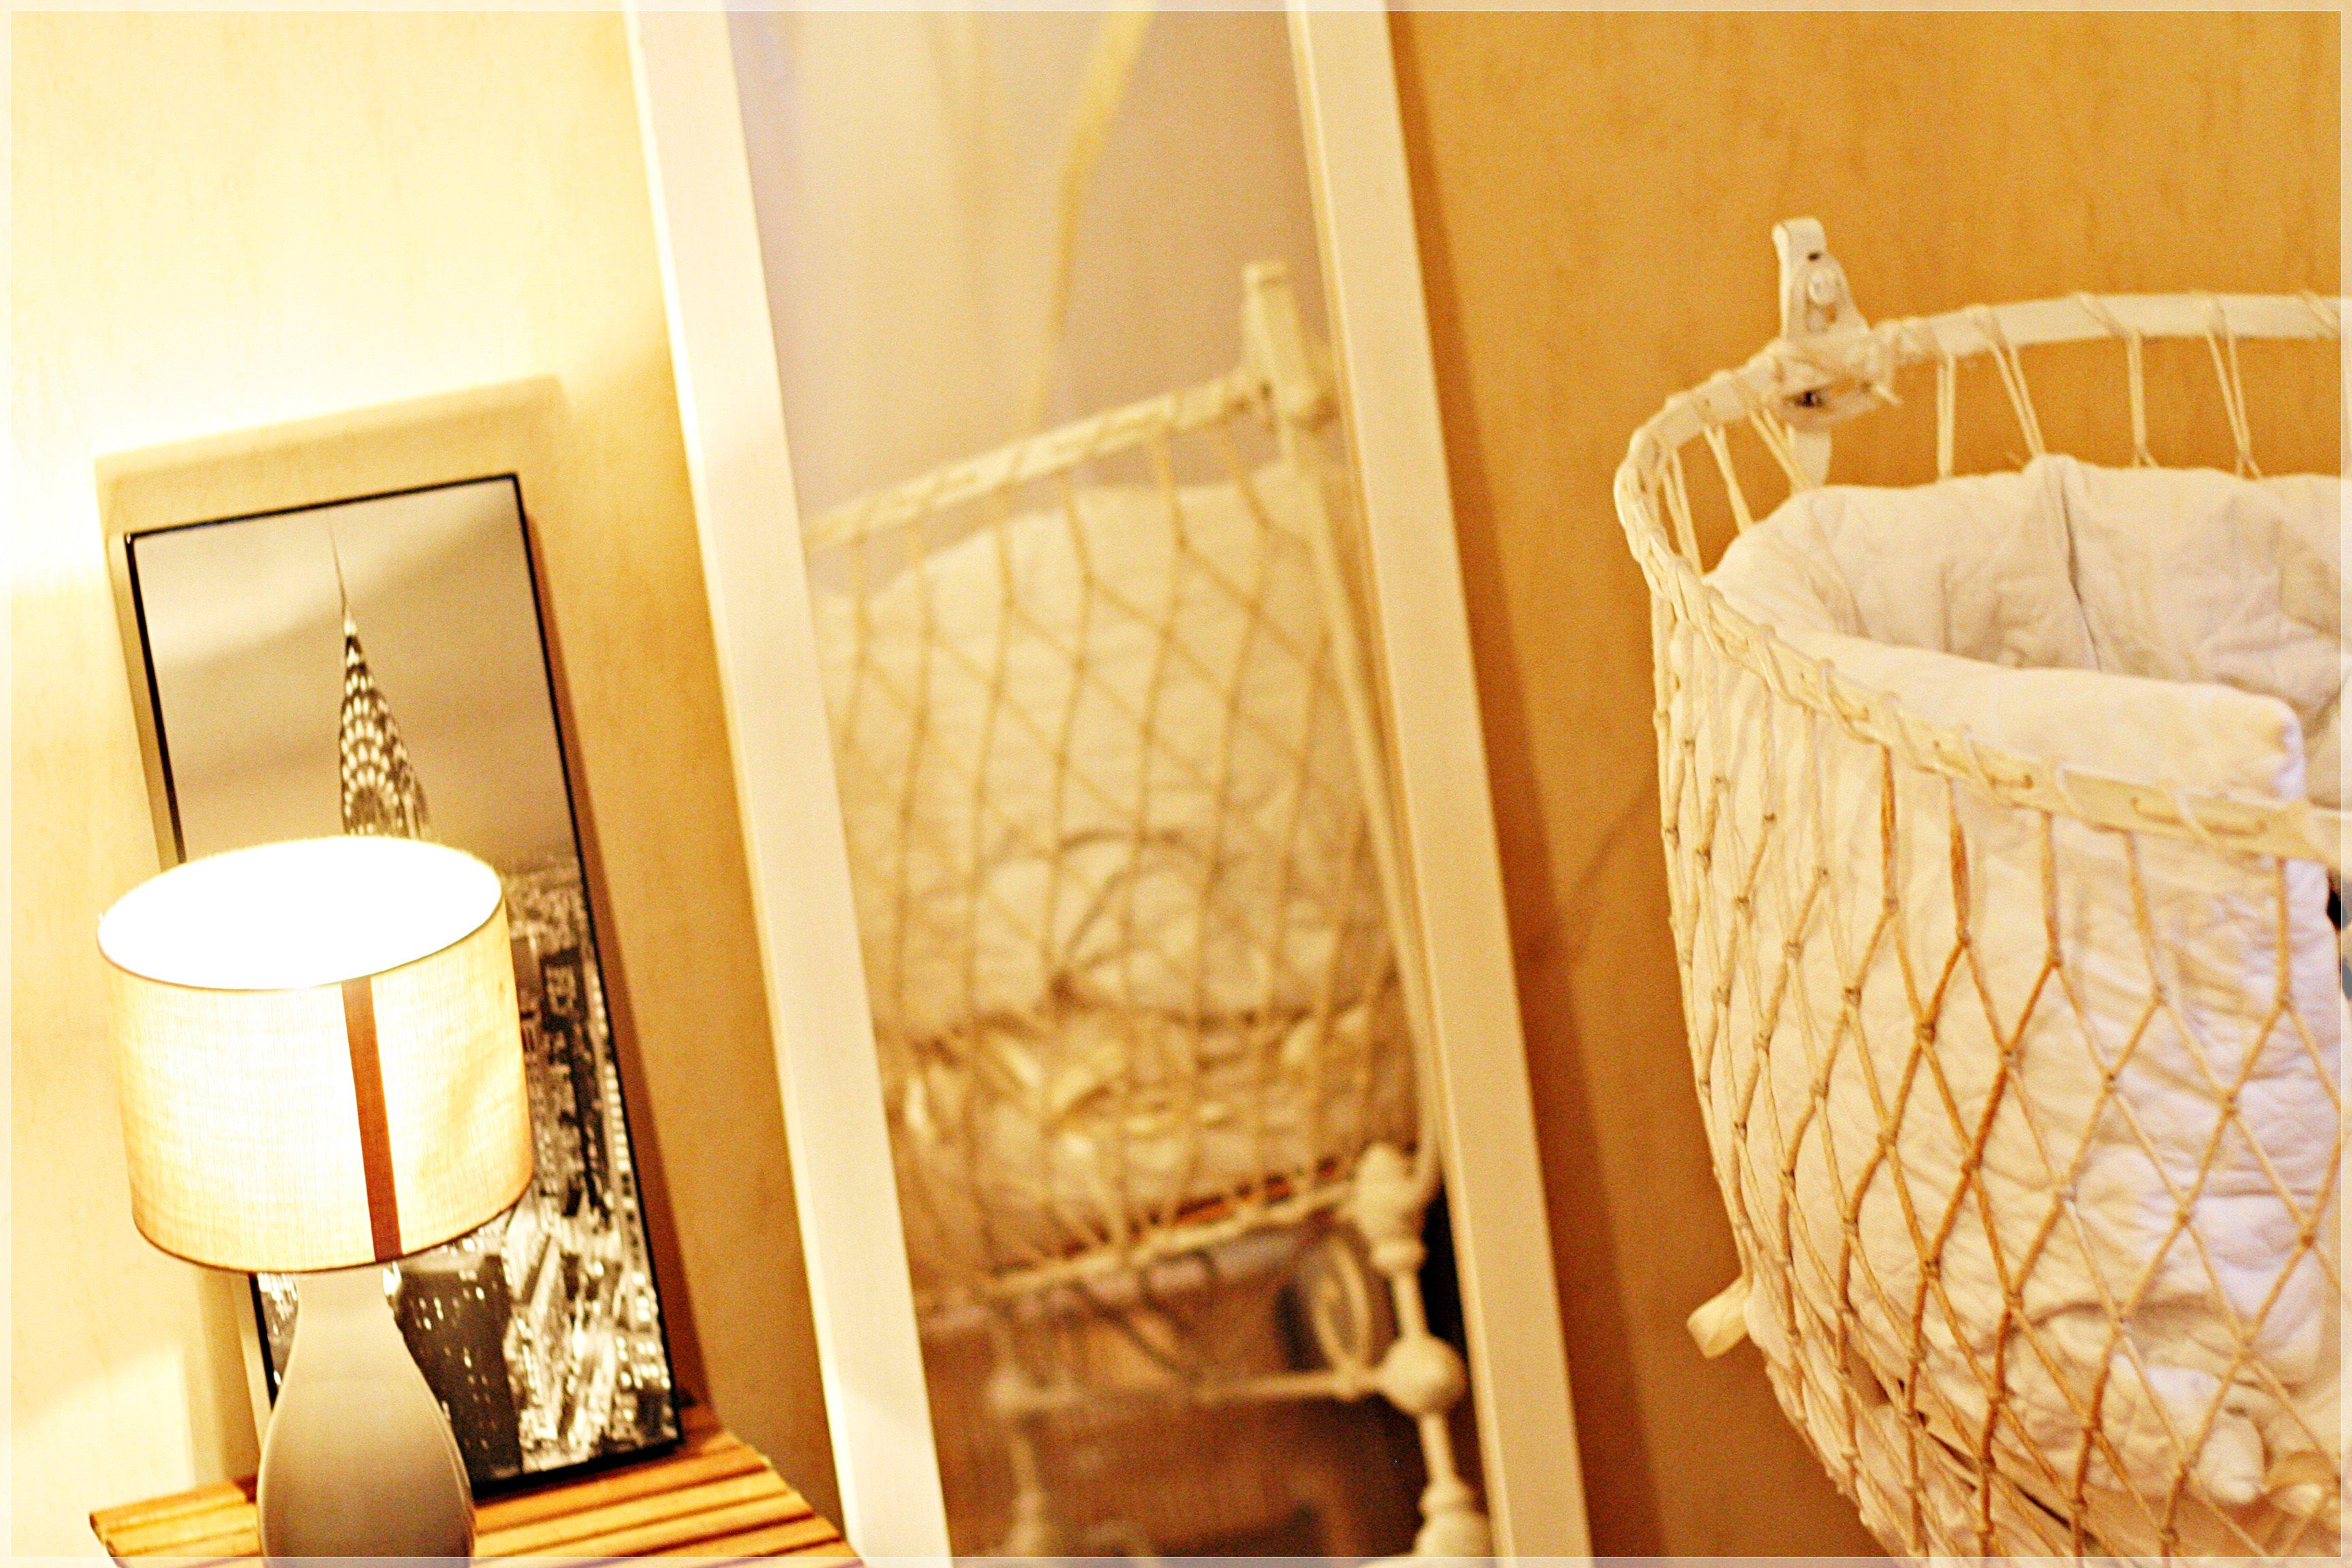 blog-maman-enfant-mode-mobilier-berceau-vintage